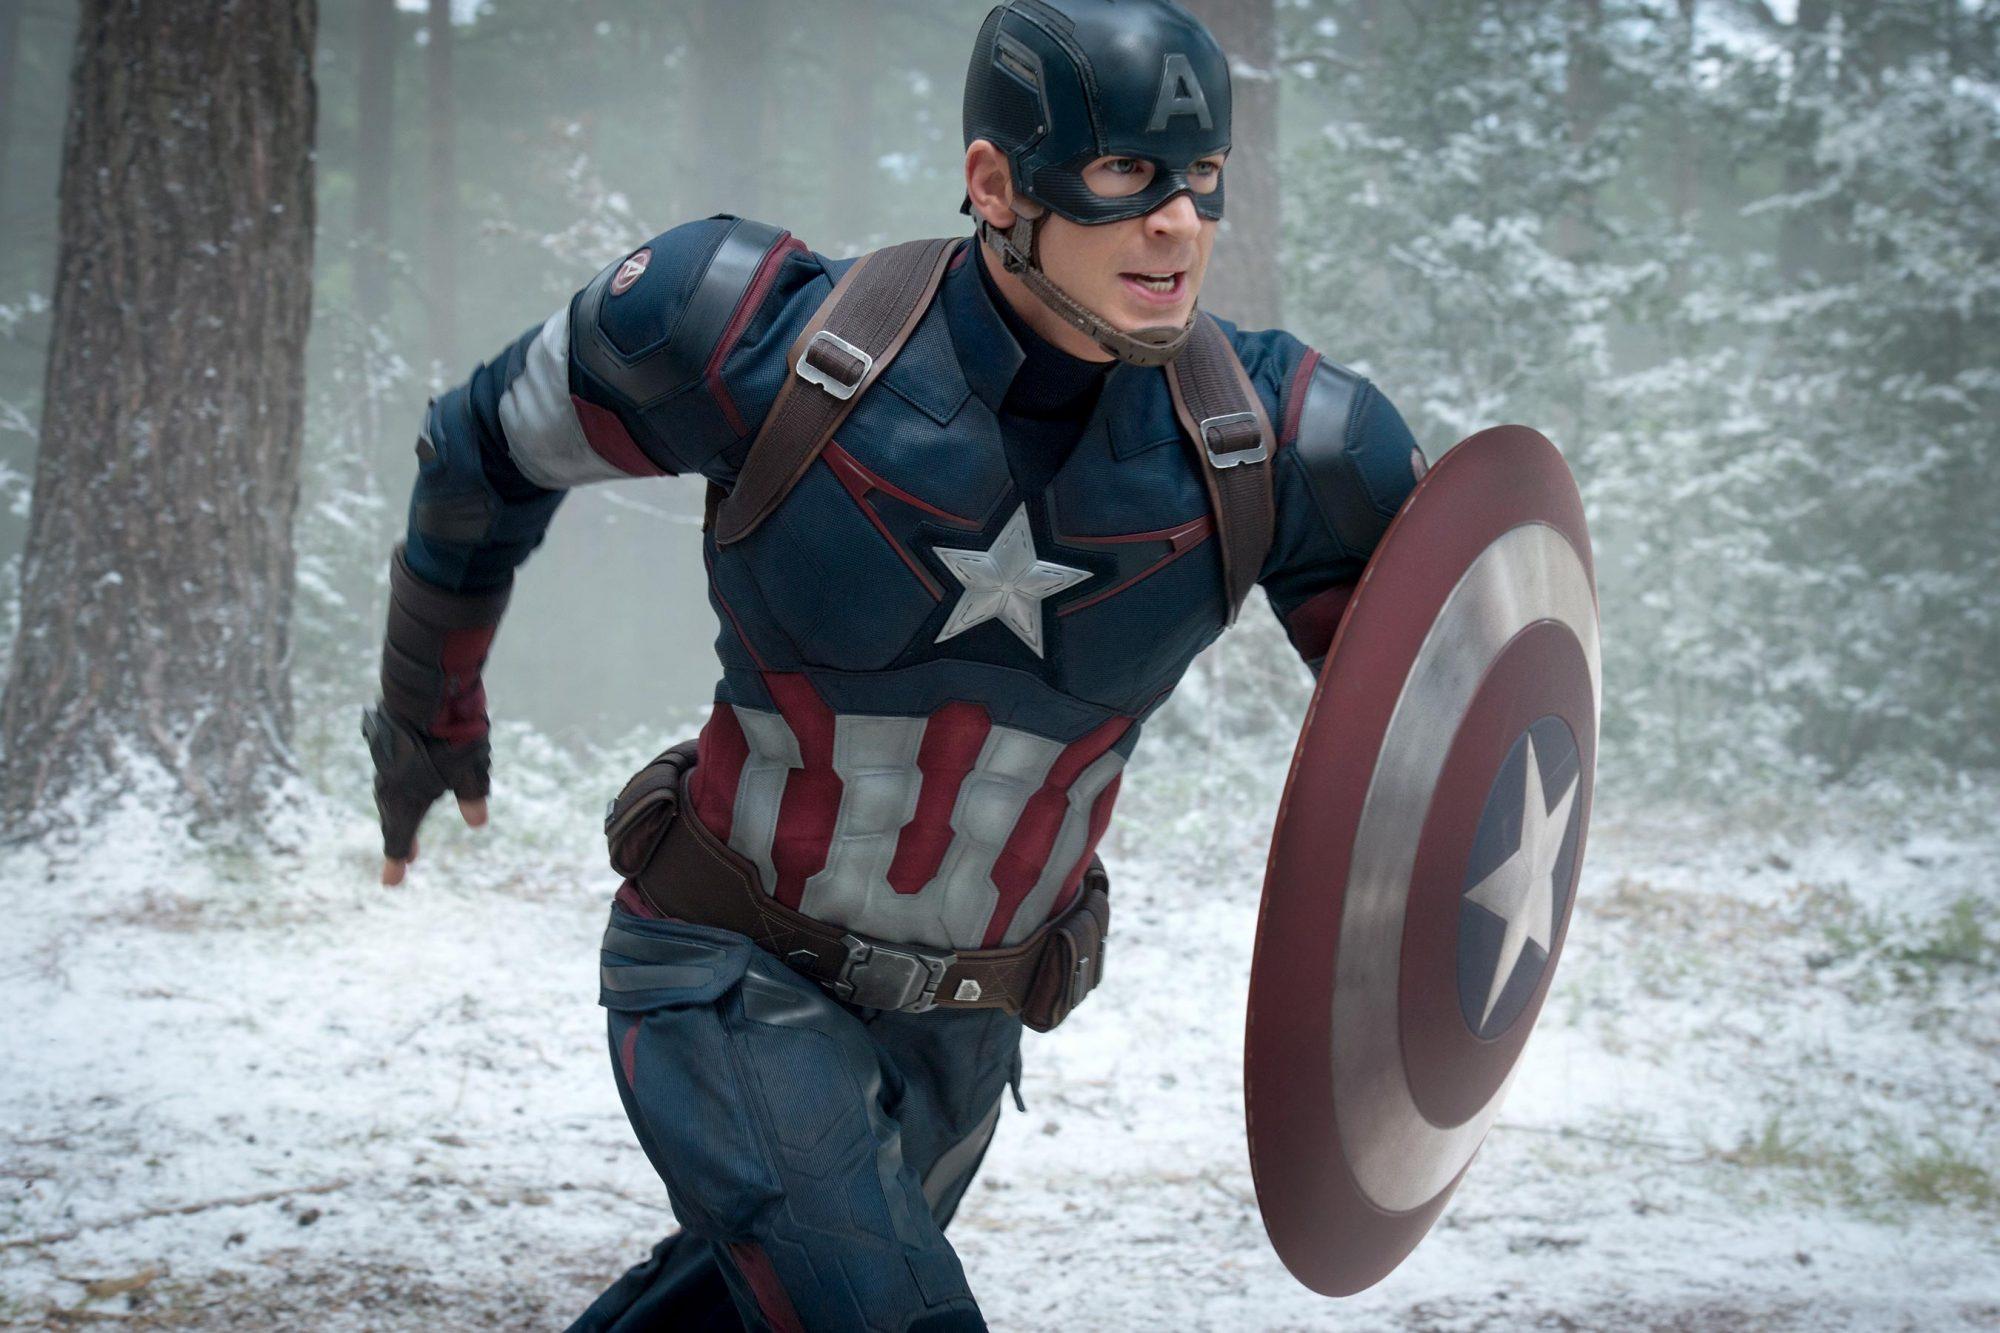 Avengers: Age Of Ultron (2015)Captain America/Steve Rogers (Chris Evans)